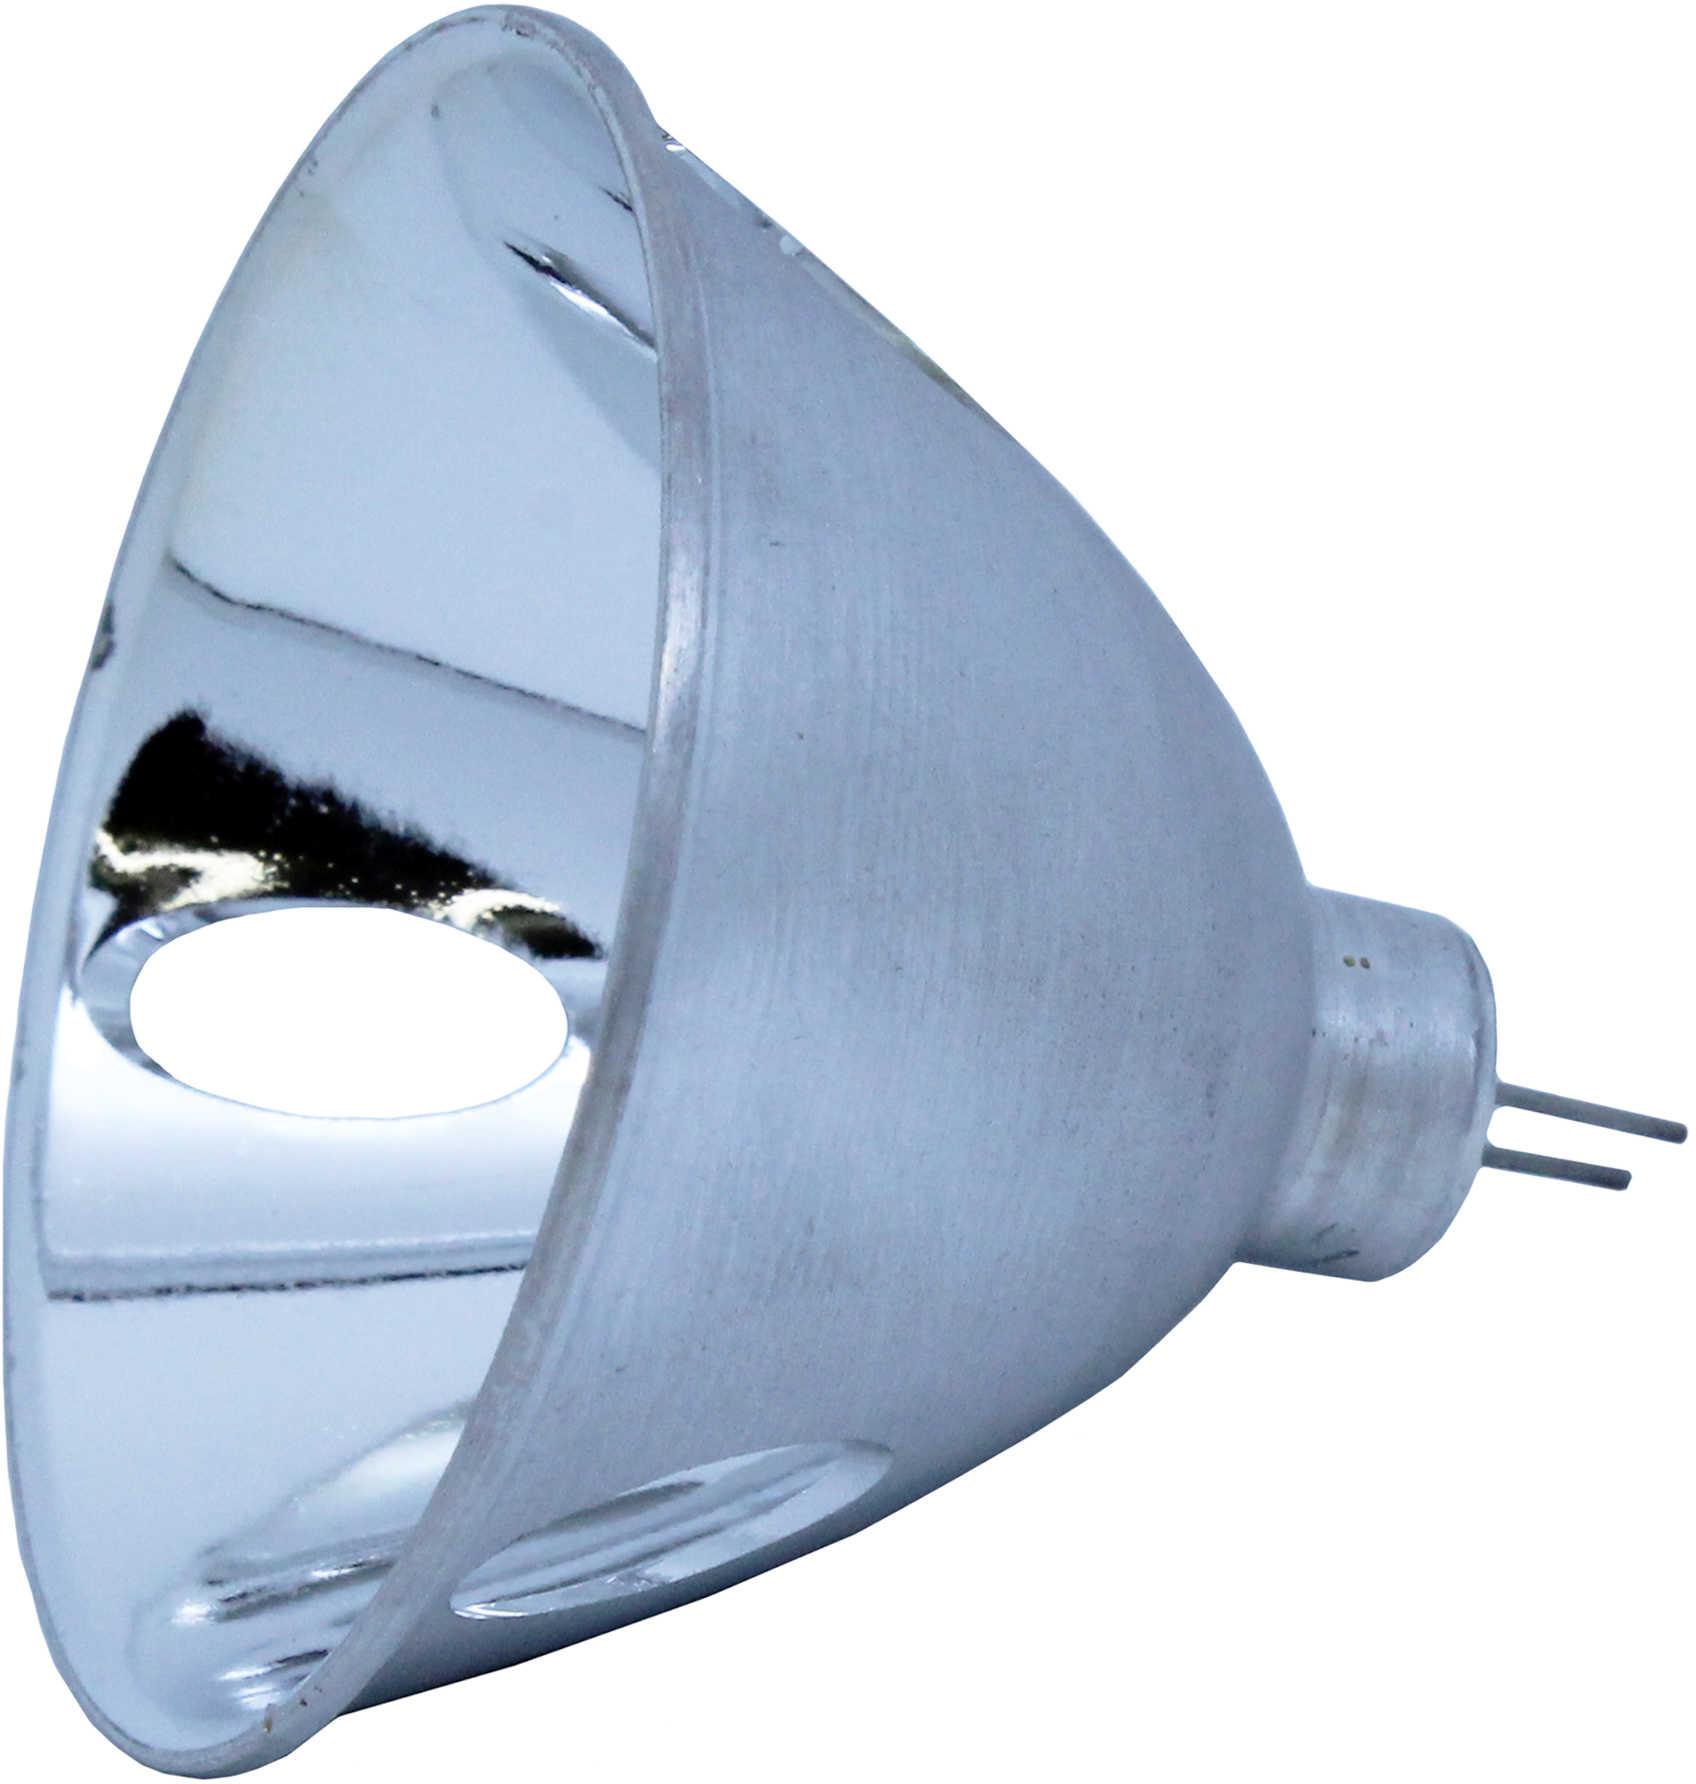 Streamlight Lamp Module Fits: 3C-XP 24003